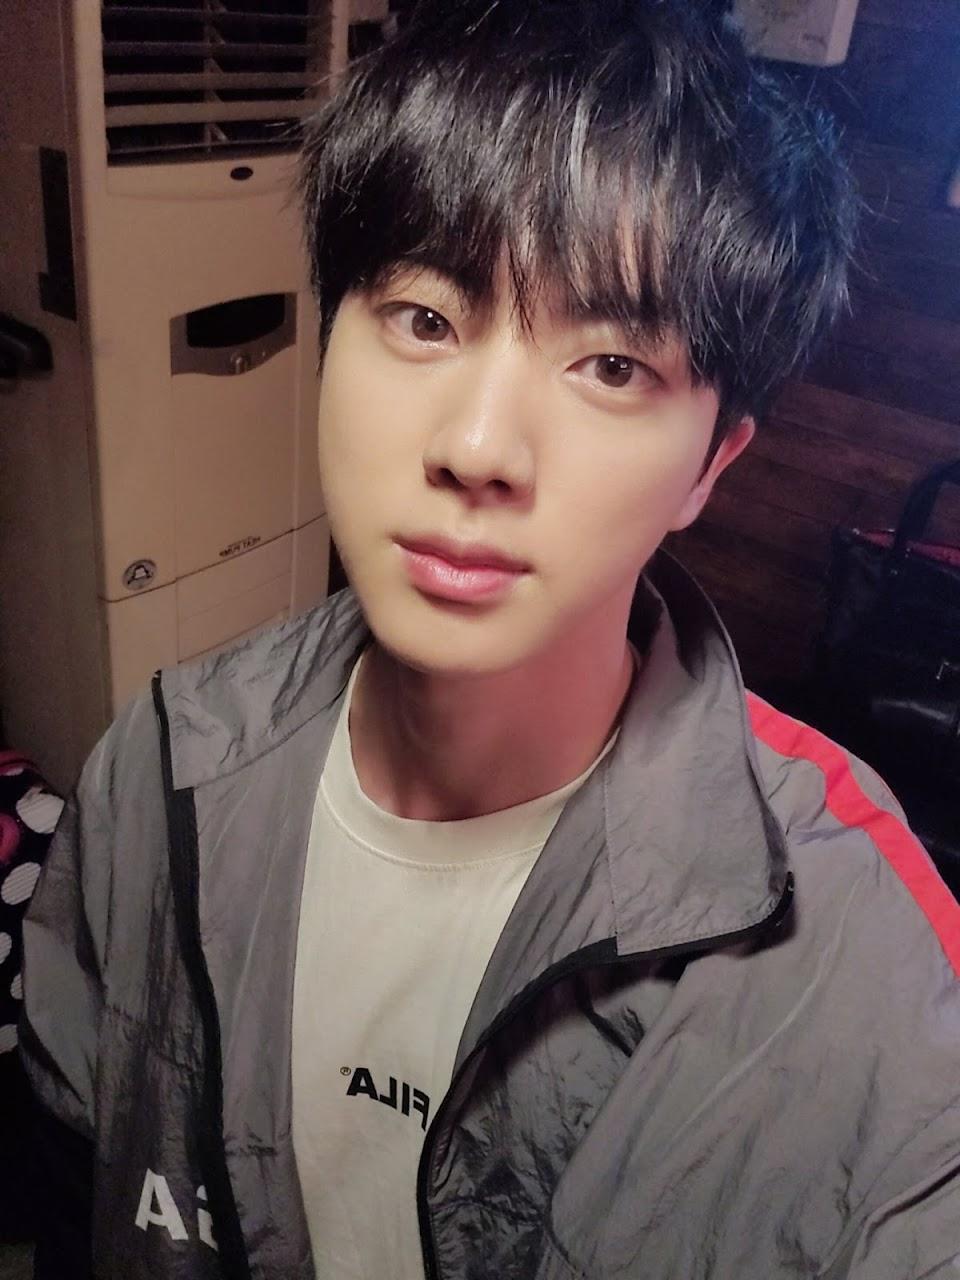 bts jin selfie 1